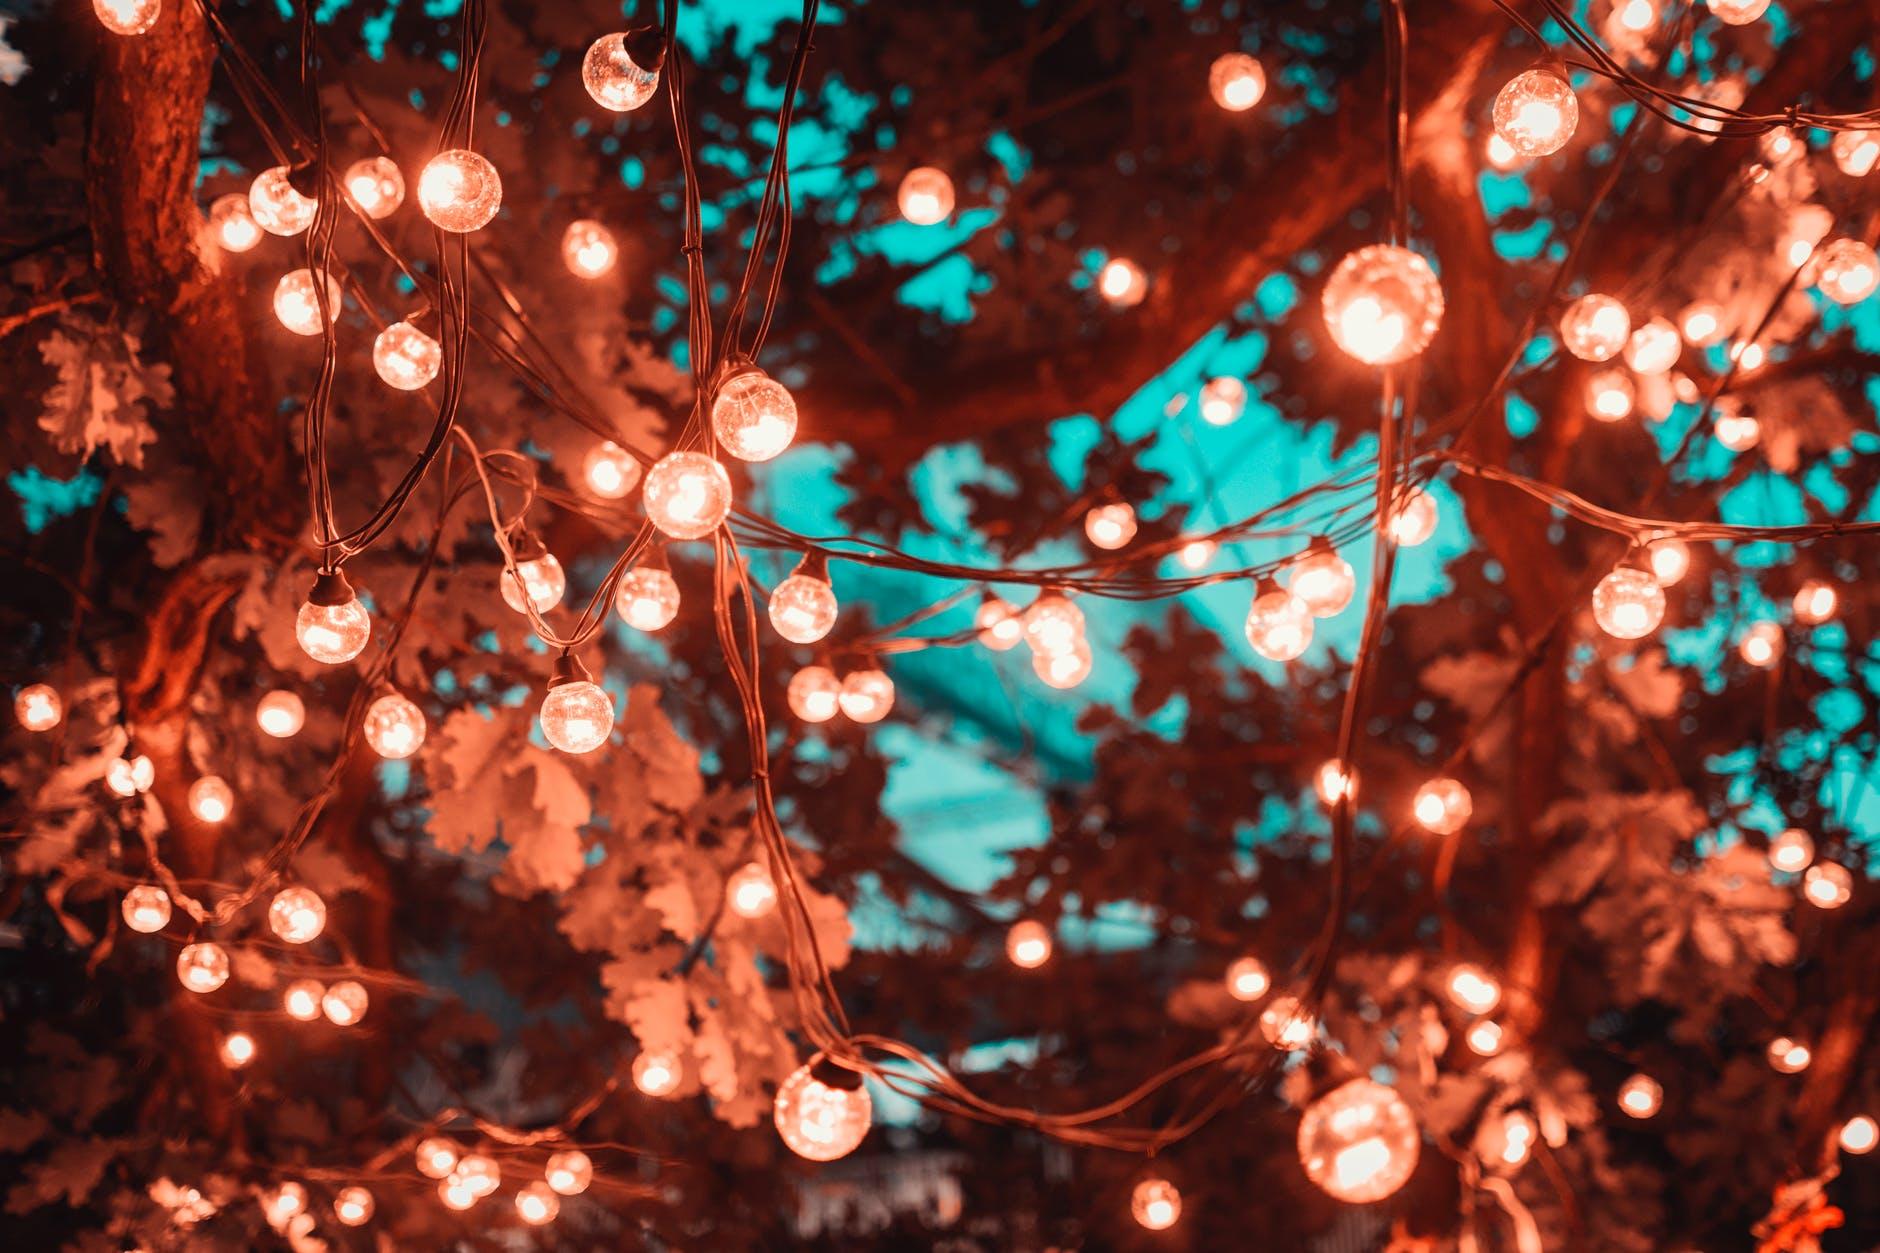 Julelys bringer varme og lys i den ellers kolde og mørke tid